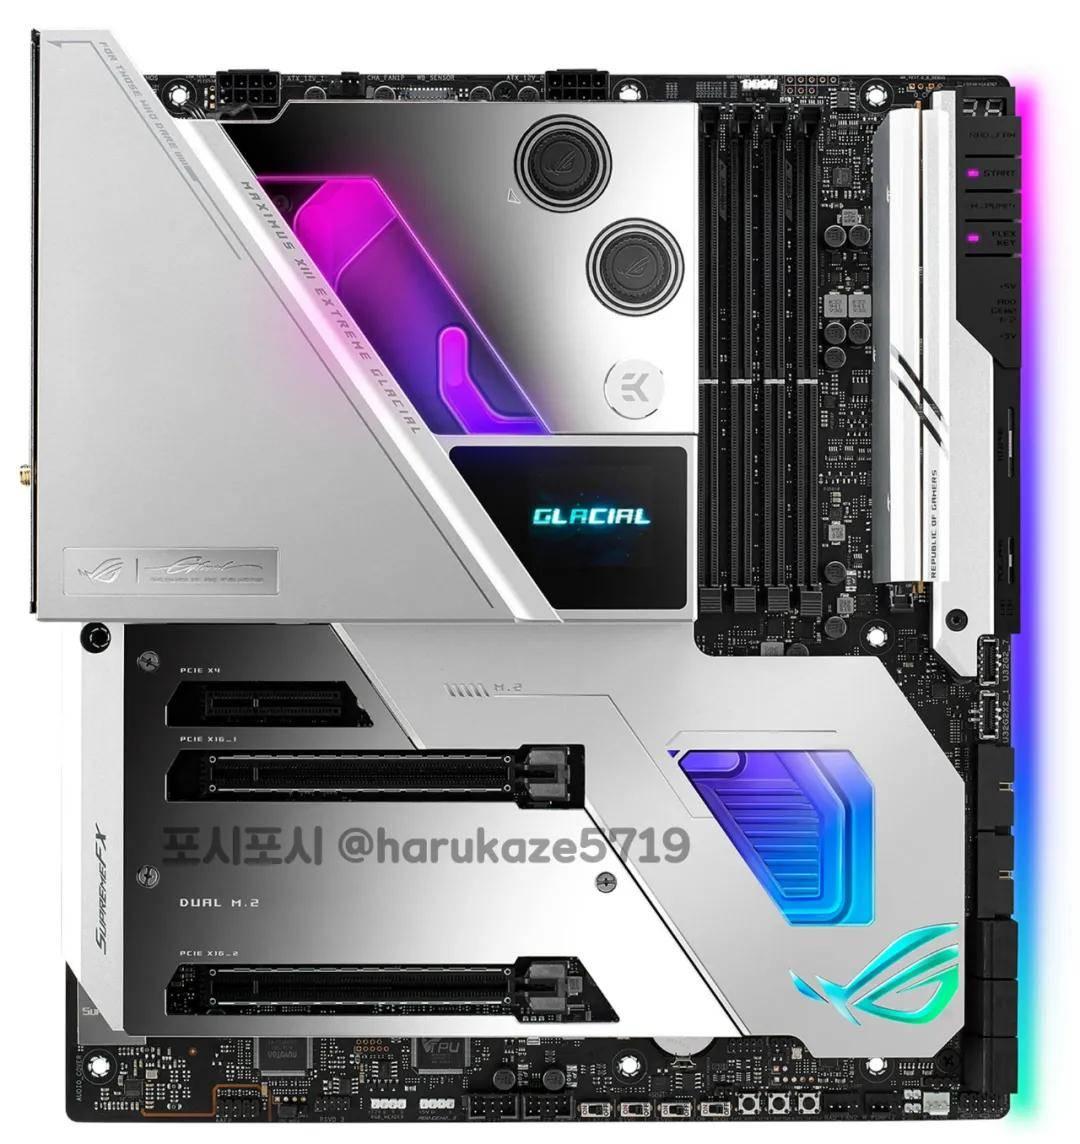 原装华硕Z590系列主板数据曝光,设计改进,性能提升